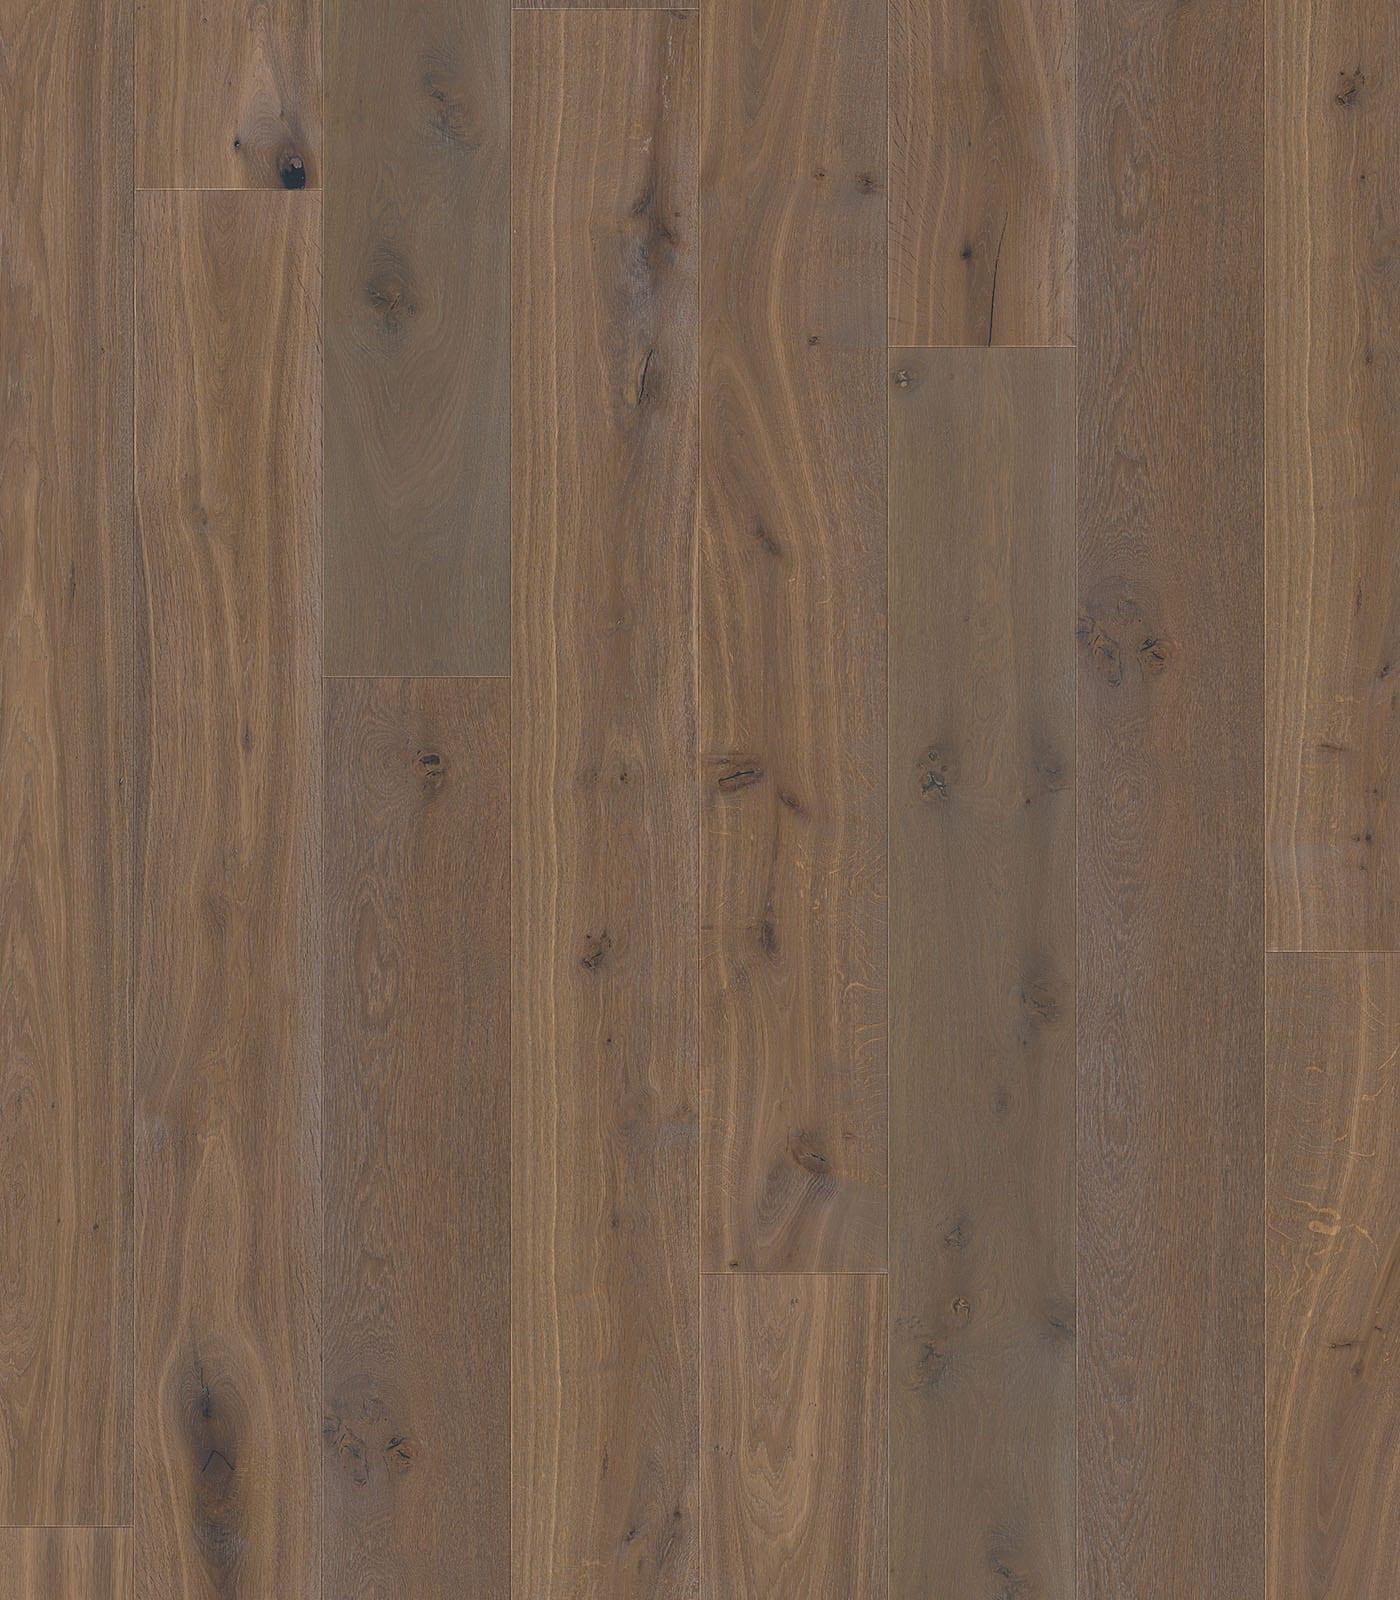 Biarritz-European Oak flooring-Lifestyle collection-flat